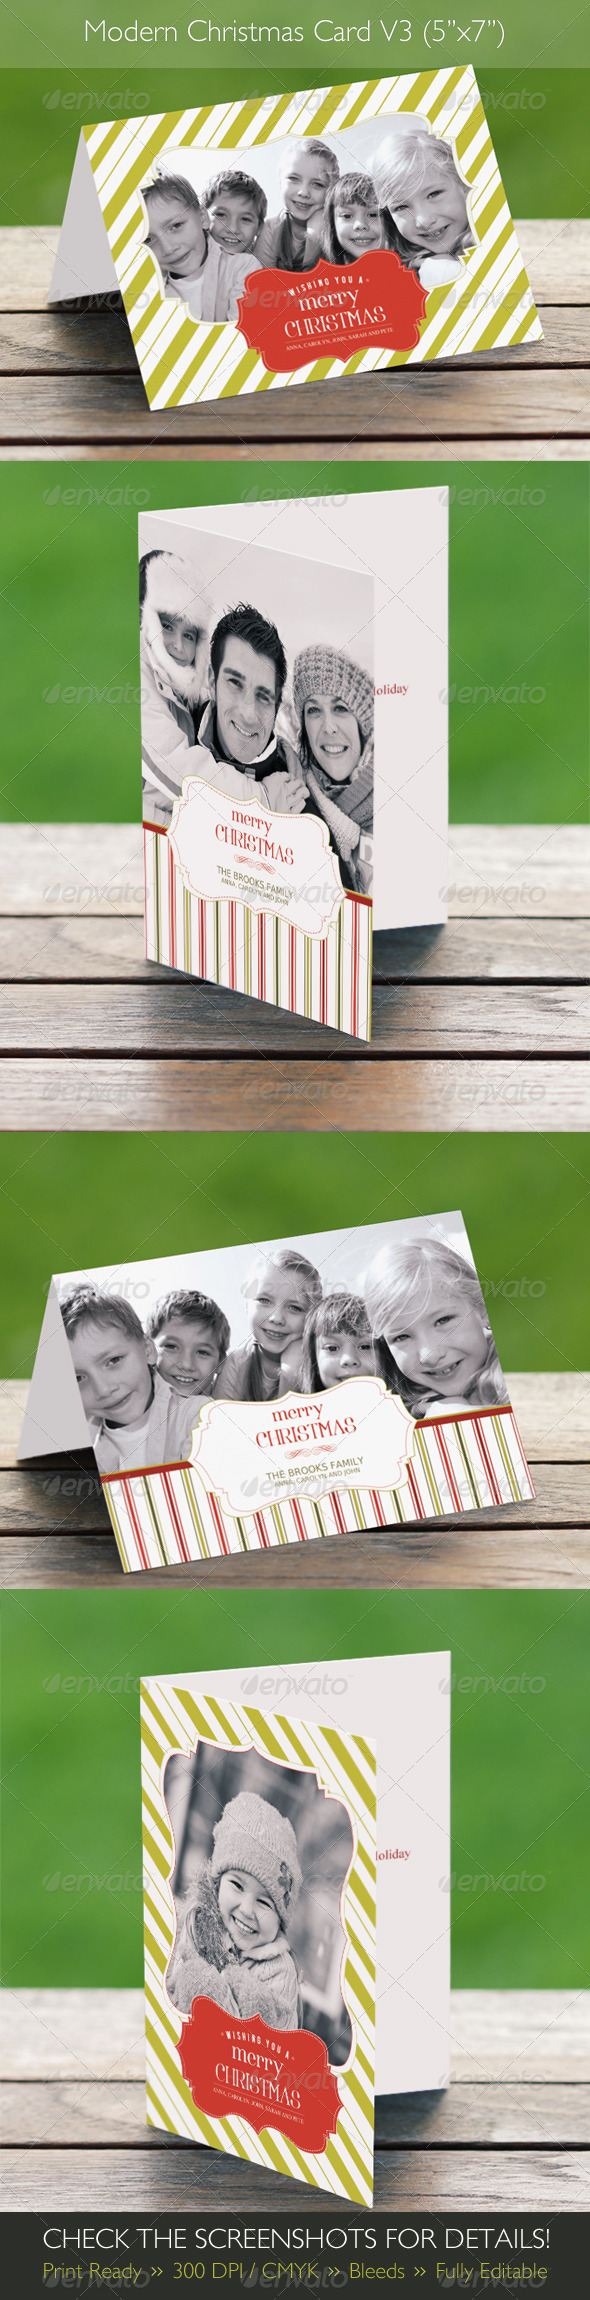 Modern Christmas Card V3 (4 in 1)